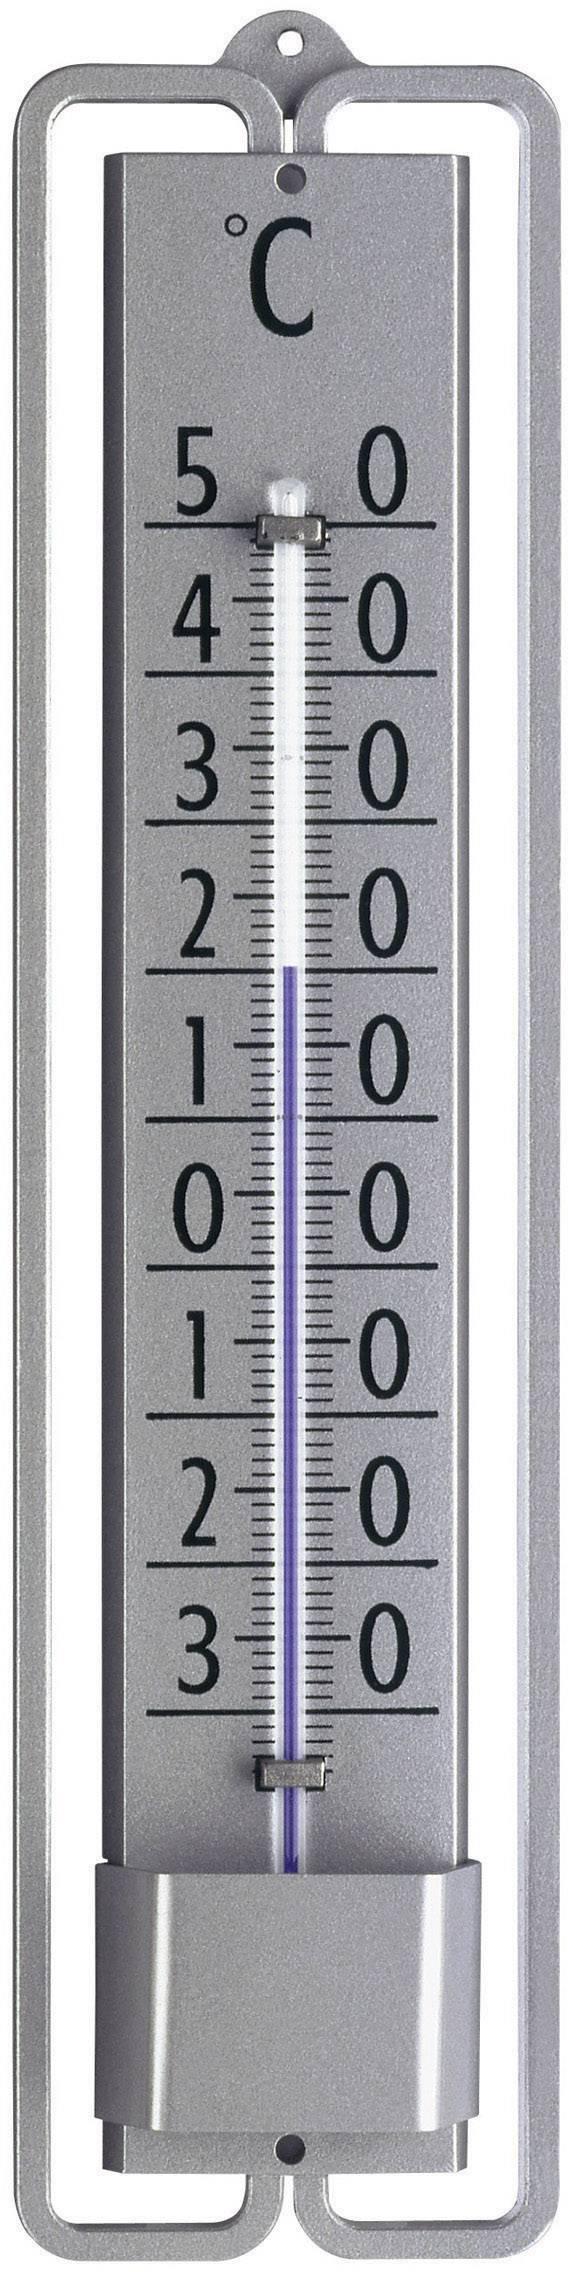 Infrarossi-TERMOMETRO DUALTEMP PRO TFA 31.1119 entrata TERMOMETRO MIN-MAX HACCP